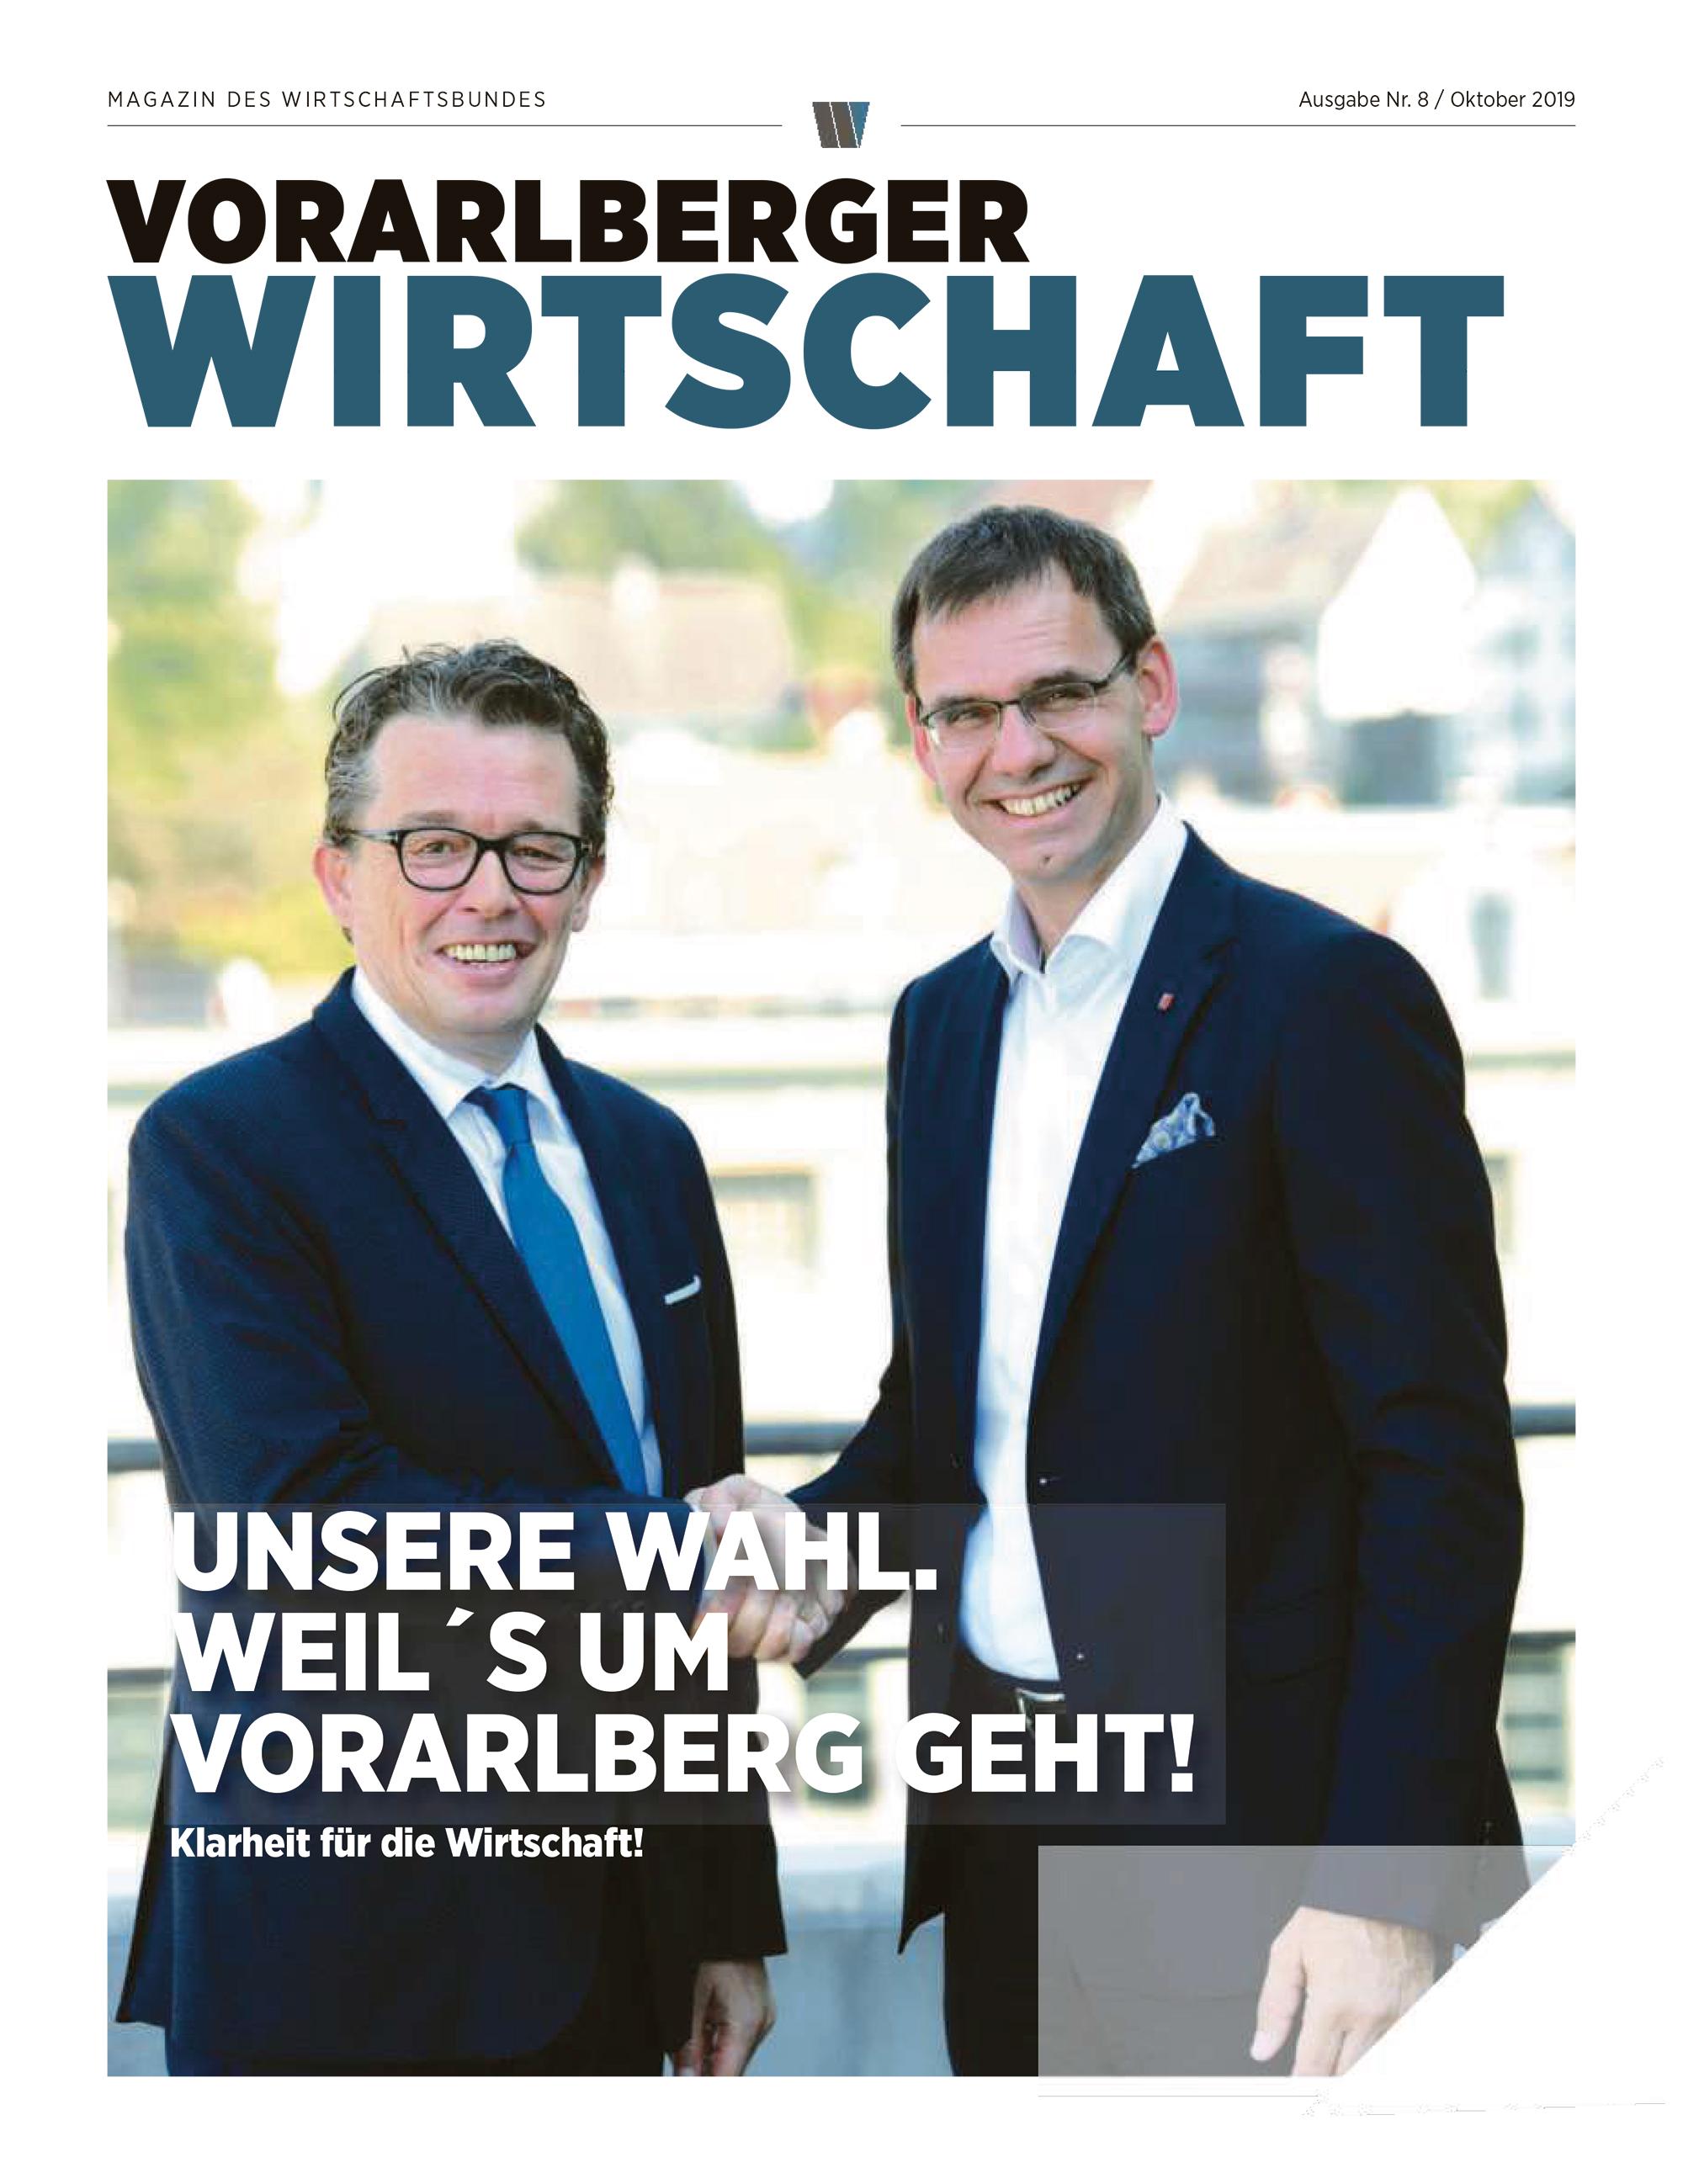 Vorarlberger-Wirtschaft_August_08_2019_Wissen-ist-unsere-Leidenschaft